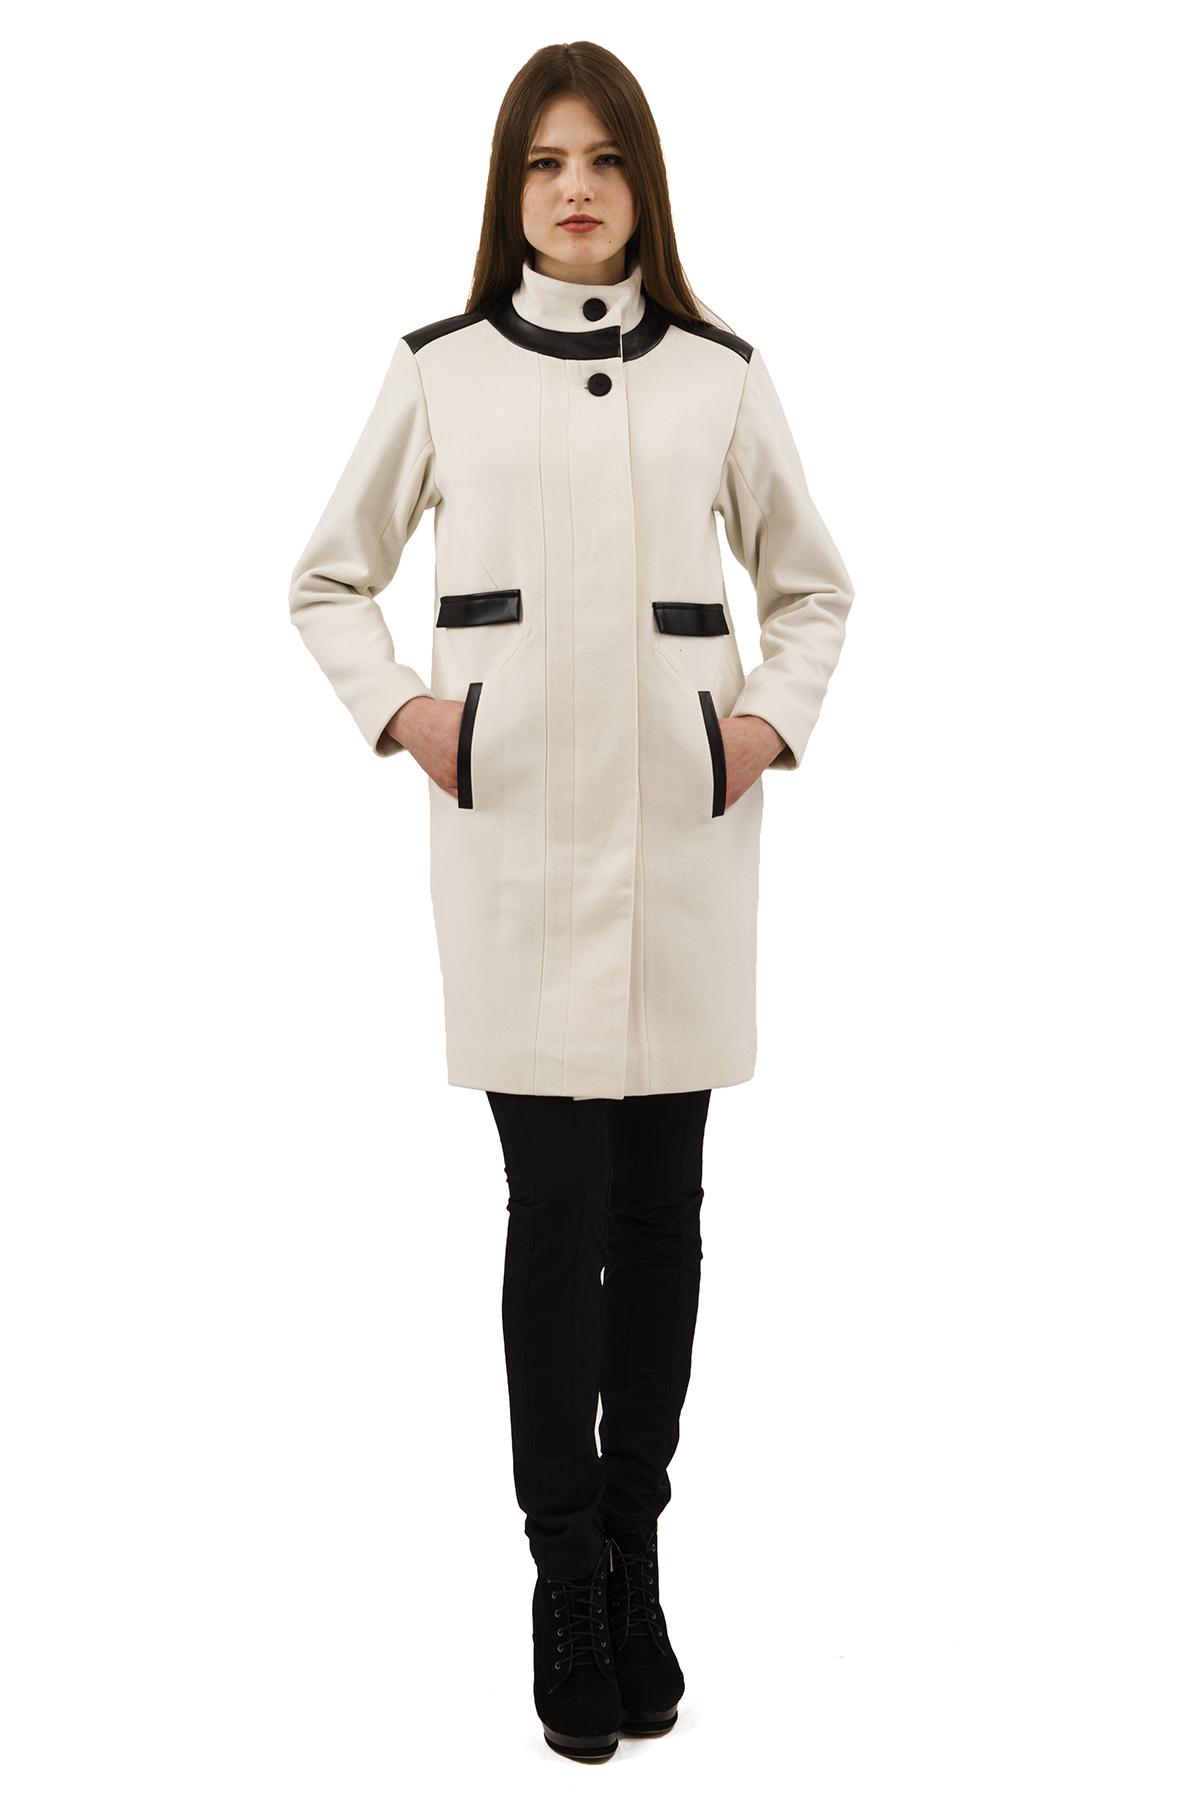 ПальтоЖенские куртки, плащи, пальто<br>Восхитительный вариант для тех, кто предпочитает стильные решения - элегантное пальто сдержанного модного дизайна, который подчеркнет Ваш безупречный вкус. Прекрасный вариант для создания элегантного образа.<br><br>Цвет: молочный<br>Состав: 15% шерсть, 2%эластан, 18%вискоза ,65% полиэстер<br>Размер: 40,42,44,46,48,50,52,54,56,58,60<br>Страна дизайна: Россия<br>Страна производства: Россия